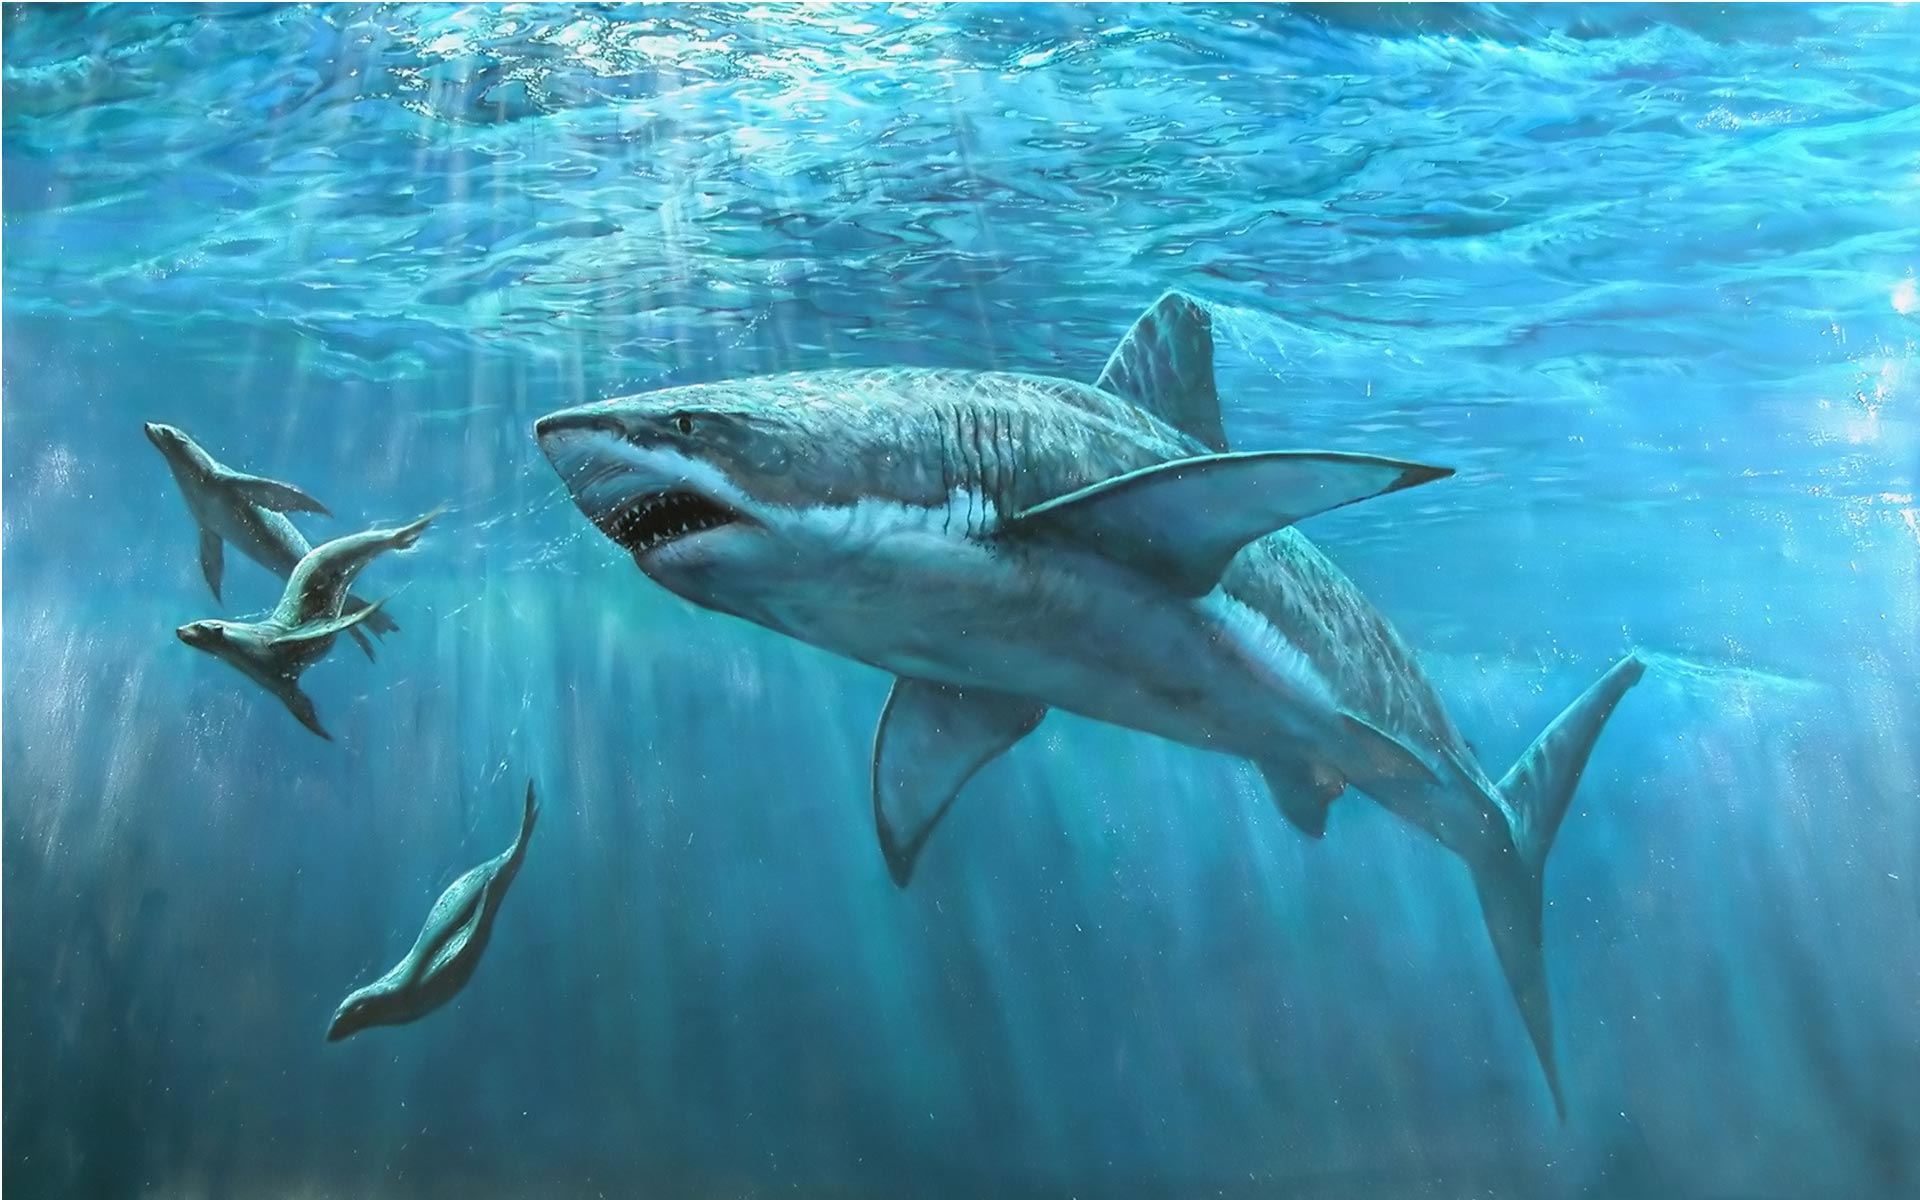 Shark Wallpaper 6551 Animal Widescreen